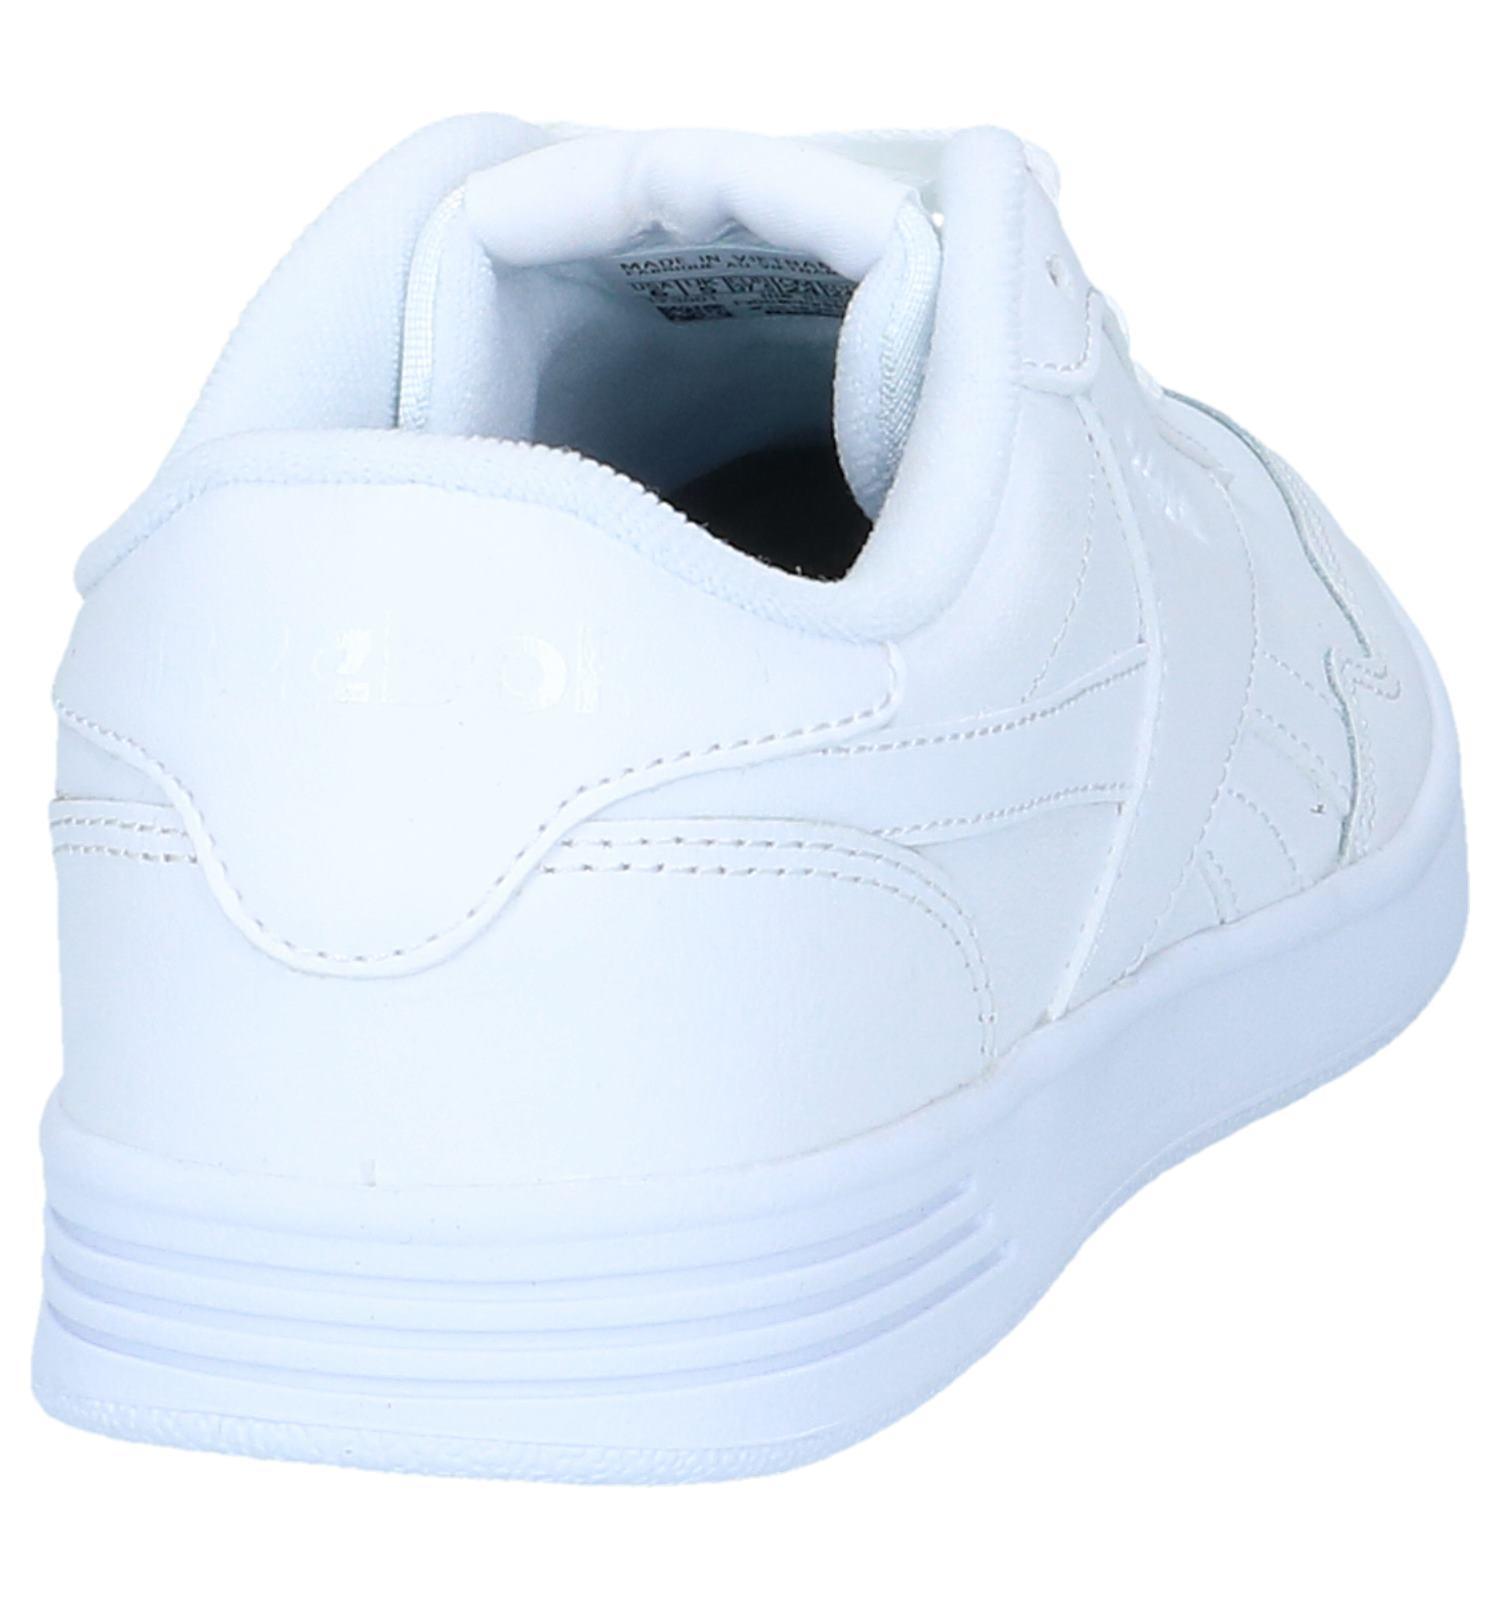 Royal Royal Techqu Witte Reebok Reebok Sneakers Sneakers Witte rCBWxdeo